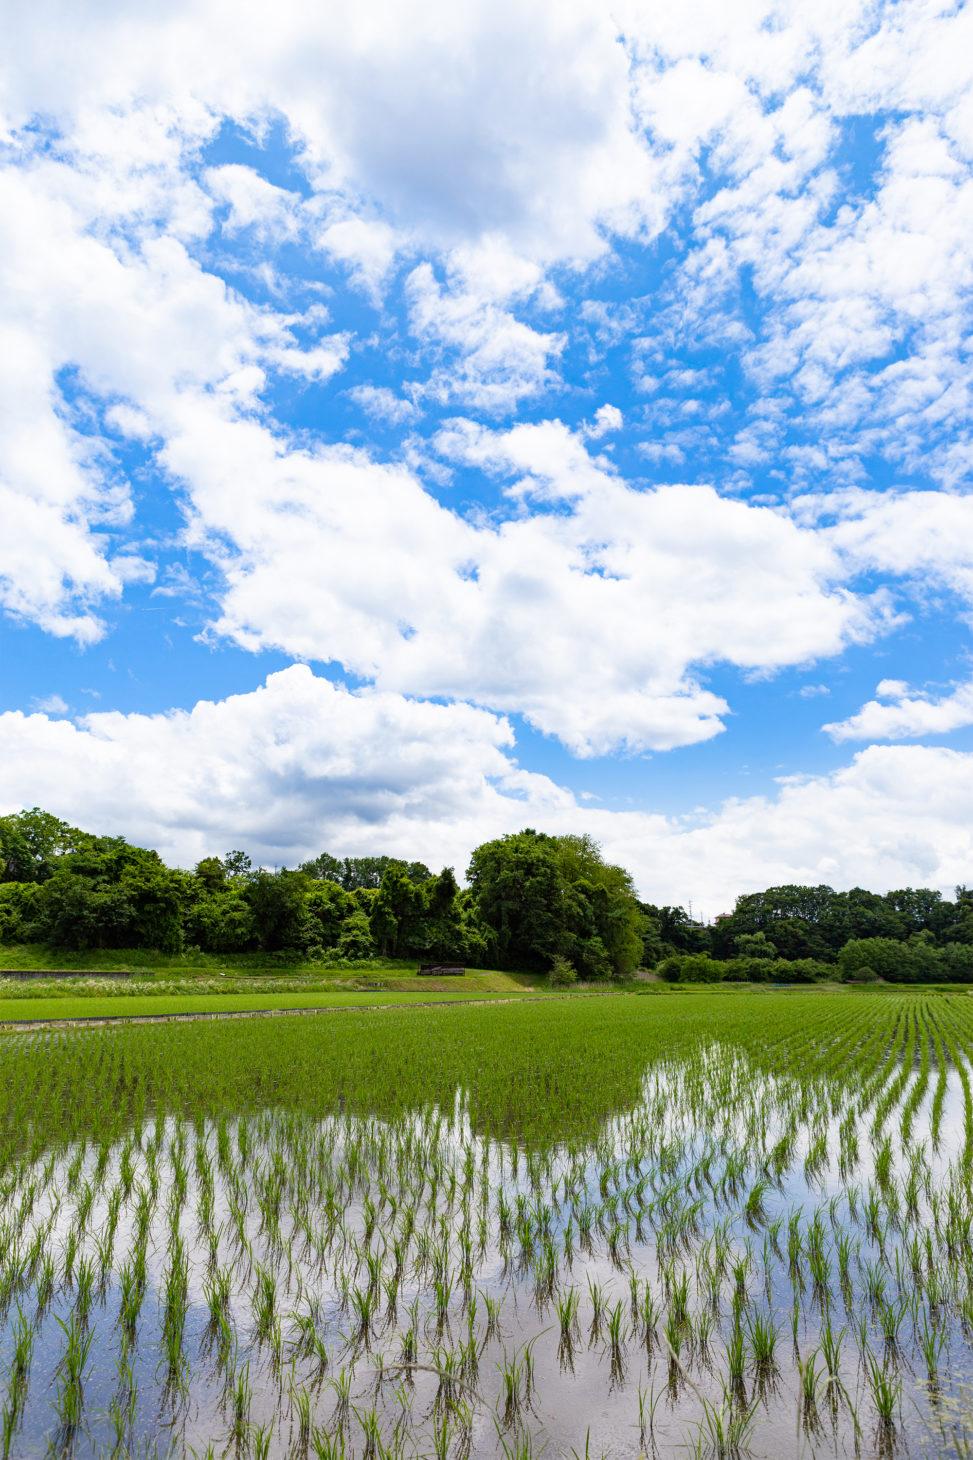 初夏の田んぼと青空の写真素材